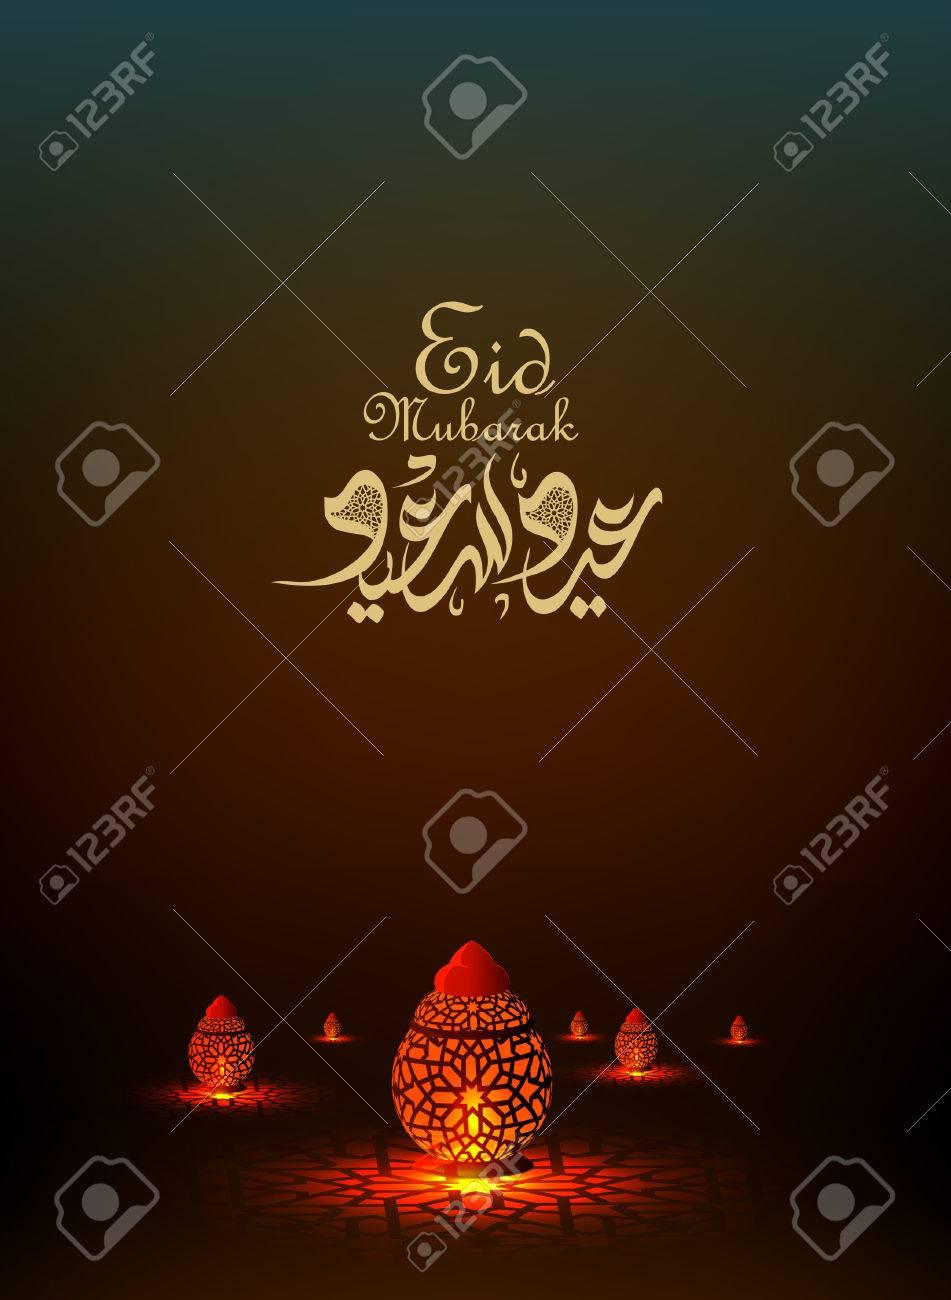 Eid mubarak greeting card islamic background for muslims 65676325 eid mubarak greeting card islamic background for muslims holidays such as eid al fitr eid al adha ag m4hsunfo